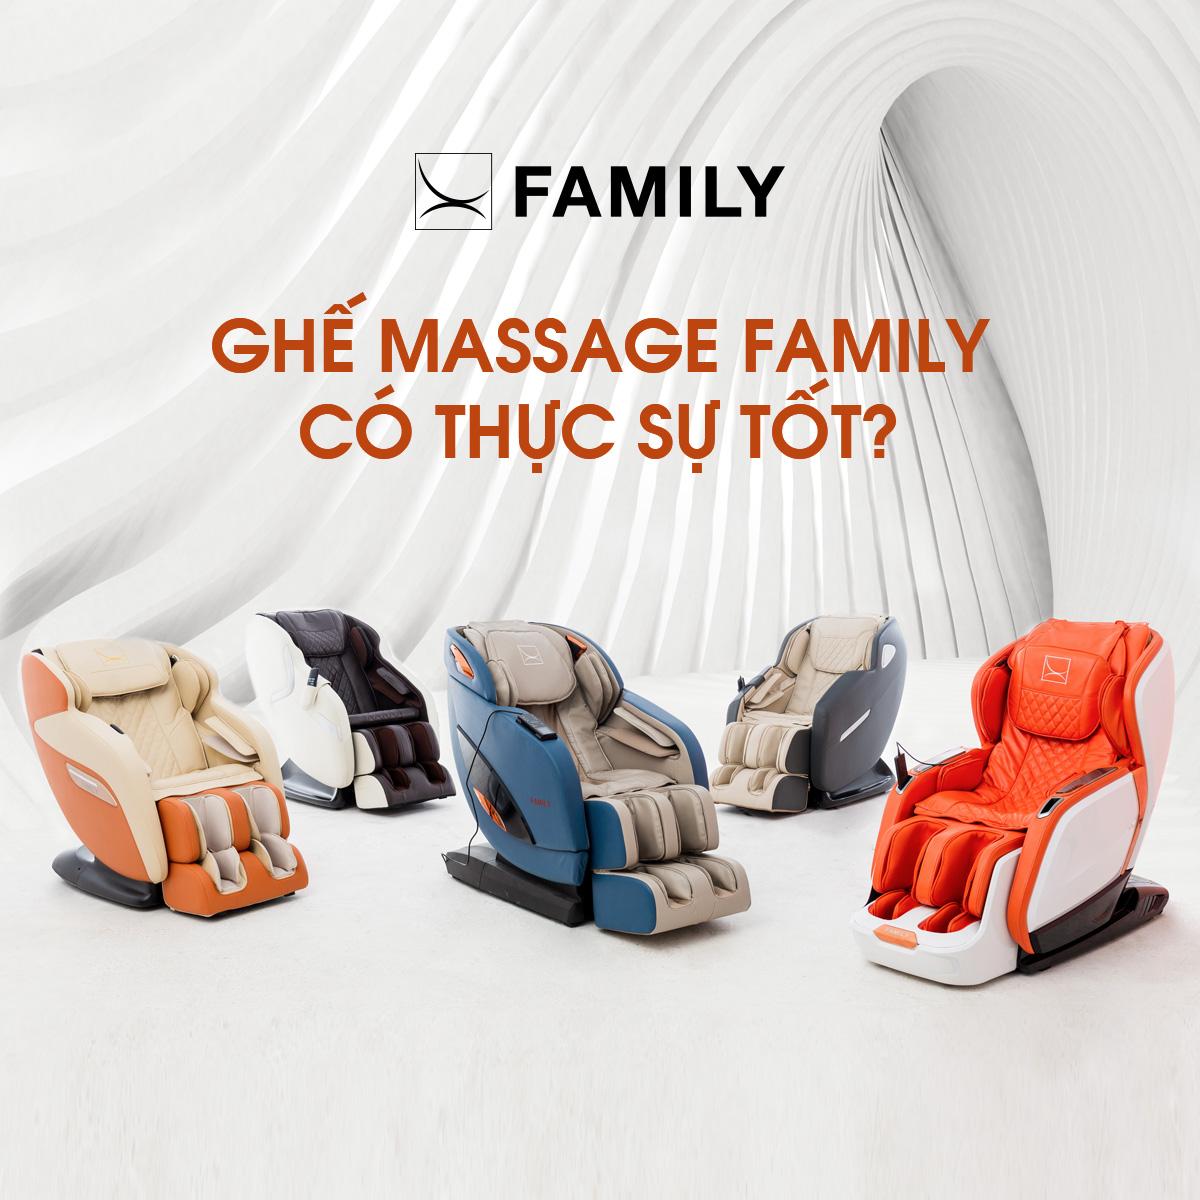 Ghế massage Family có thực sự tốt hay không?